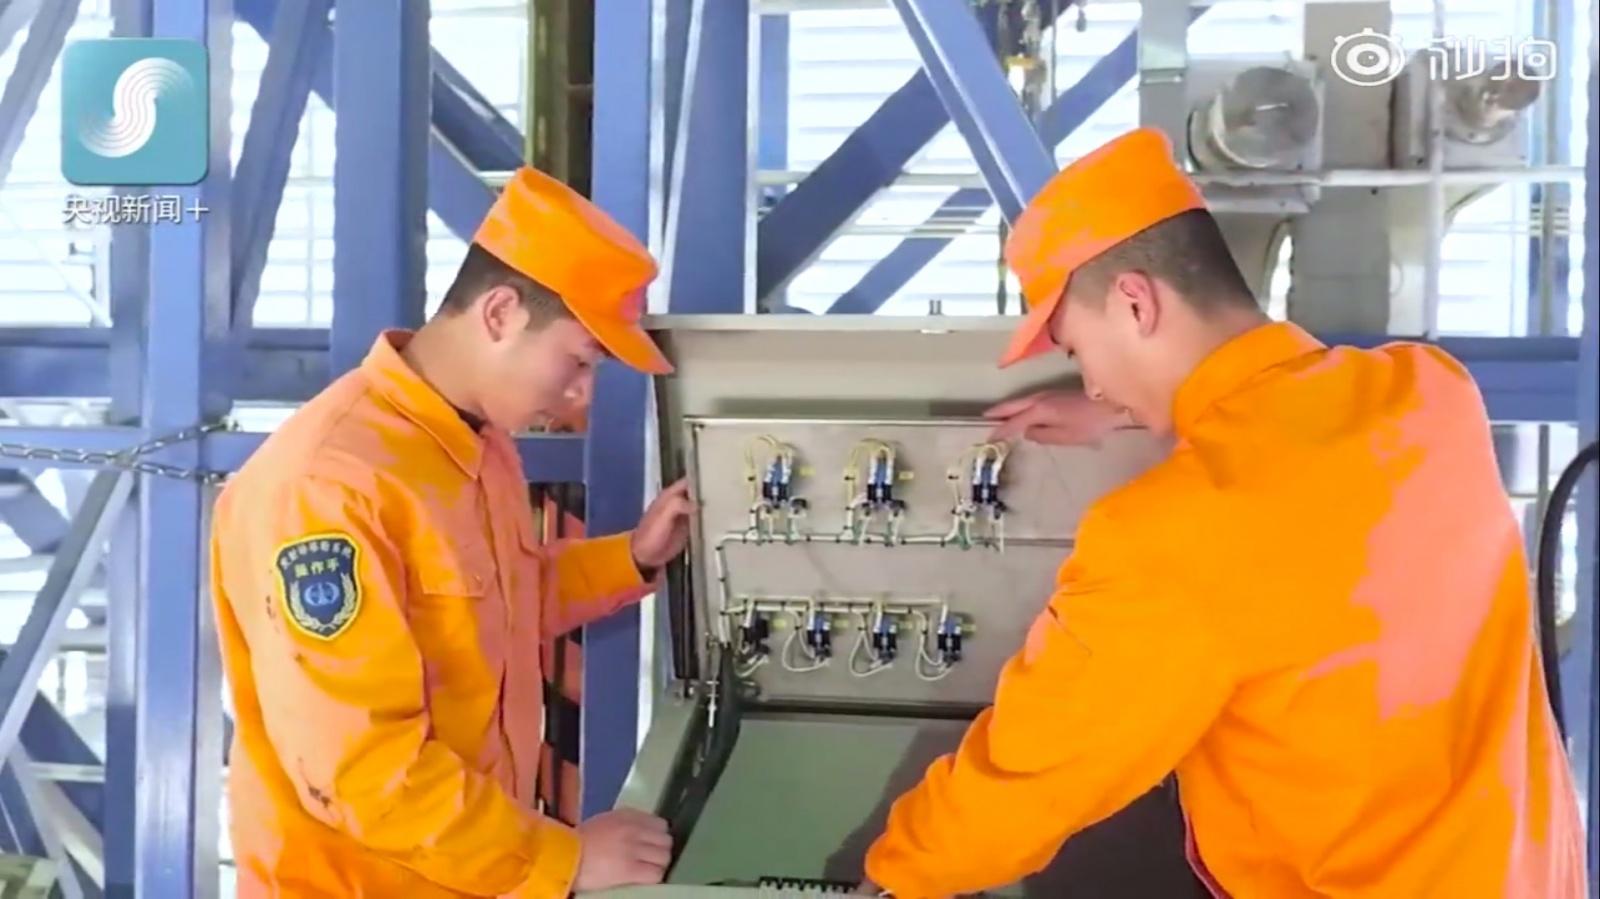 Суровая рабочая реальность — Китайский космодром Сичан (Xichang Satellite Launch Center — XSLC) - 44